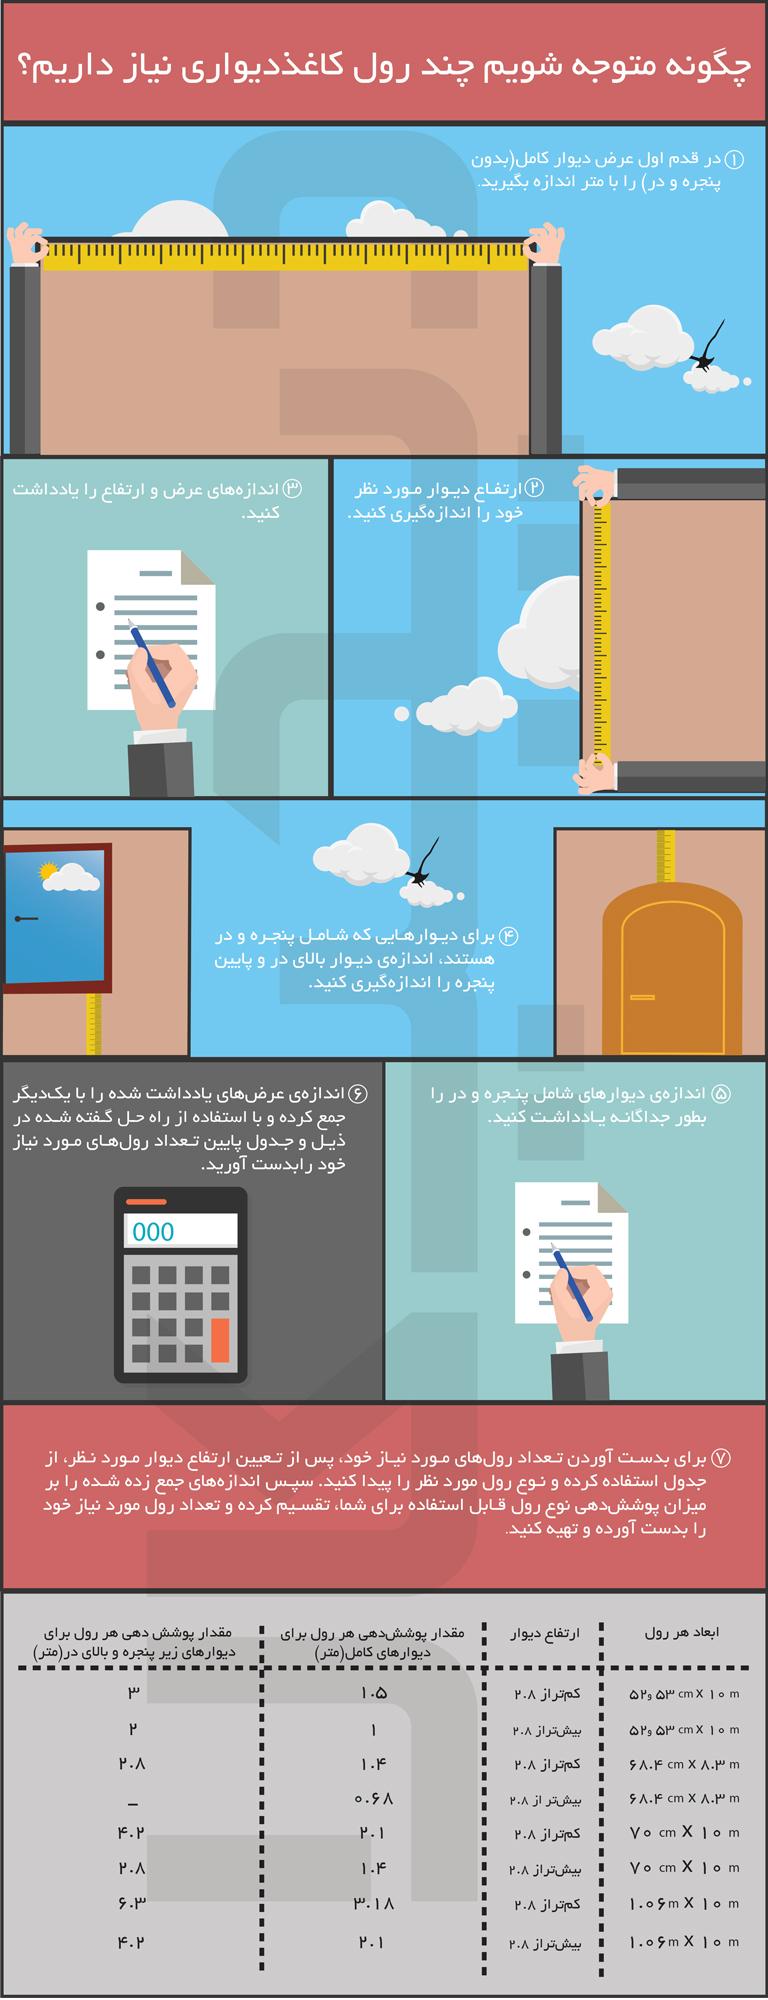 کاغذ دیواری والکویست آلبوم نوویا مدل AR30102 infographic